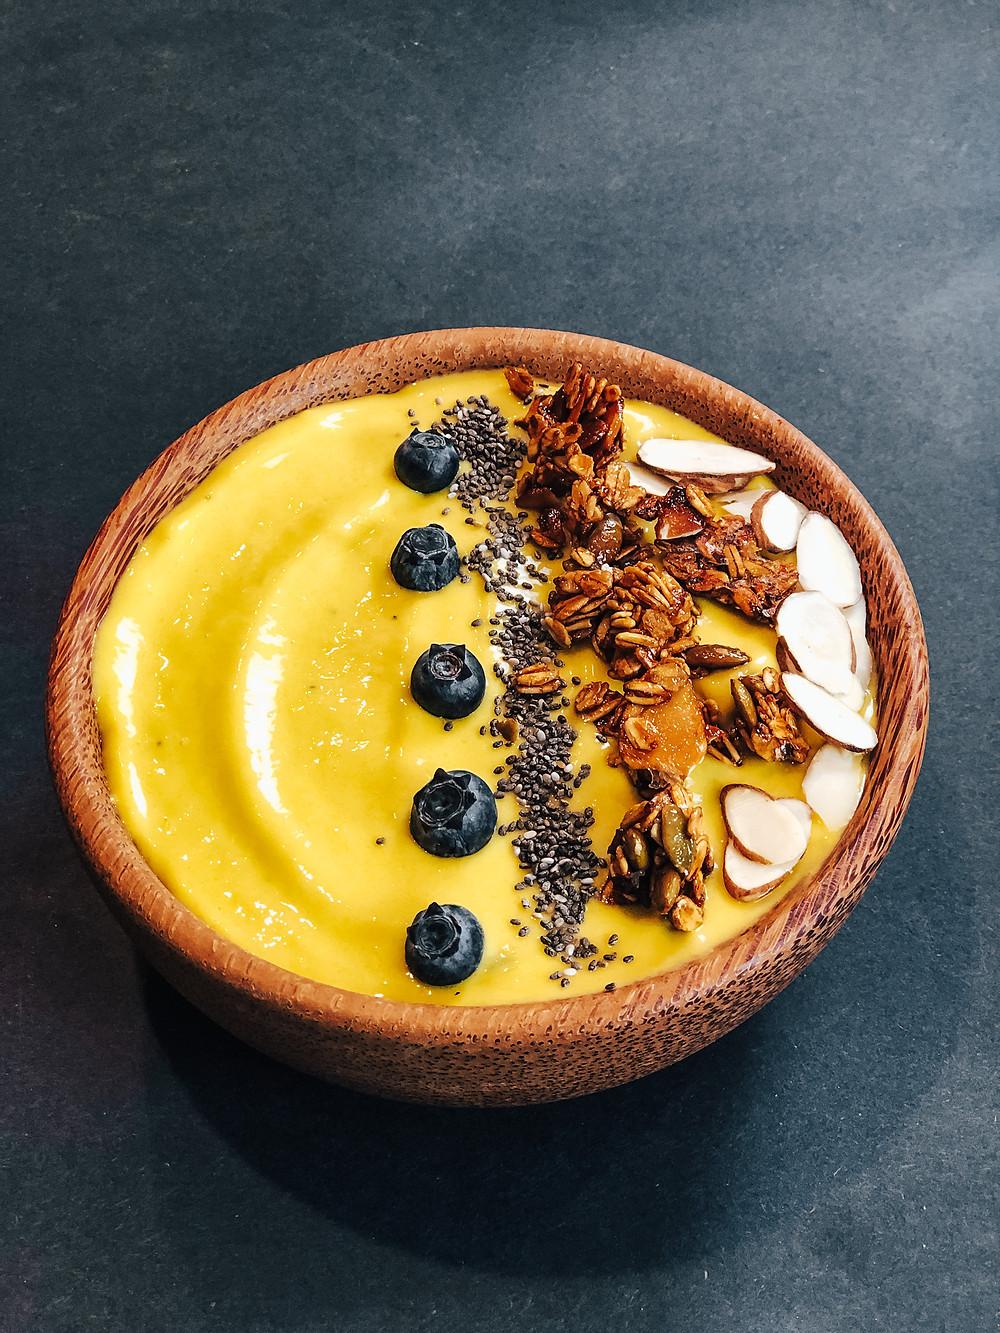 #smoothiebowl #smoothiebowlmango #howtomakesmoothiebowl #ketosmoothiebowl #vegansmoothiebowl #srilankansmoothiebowl